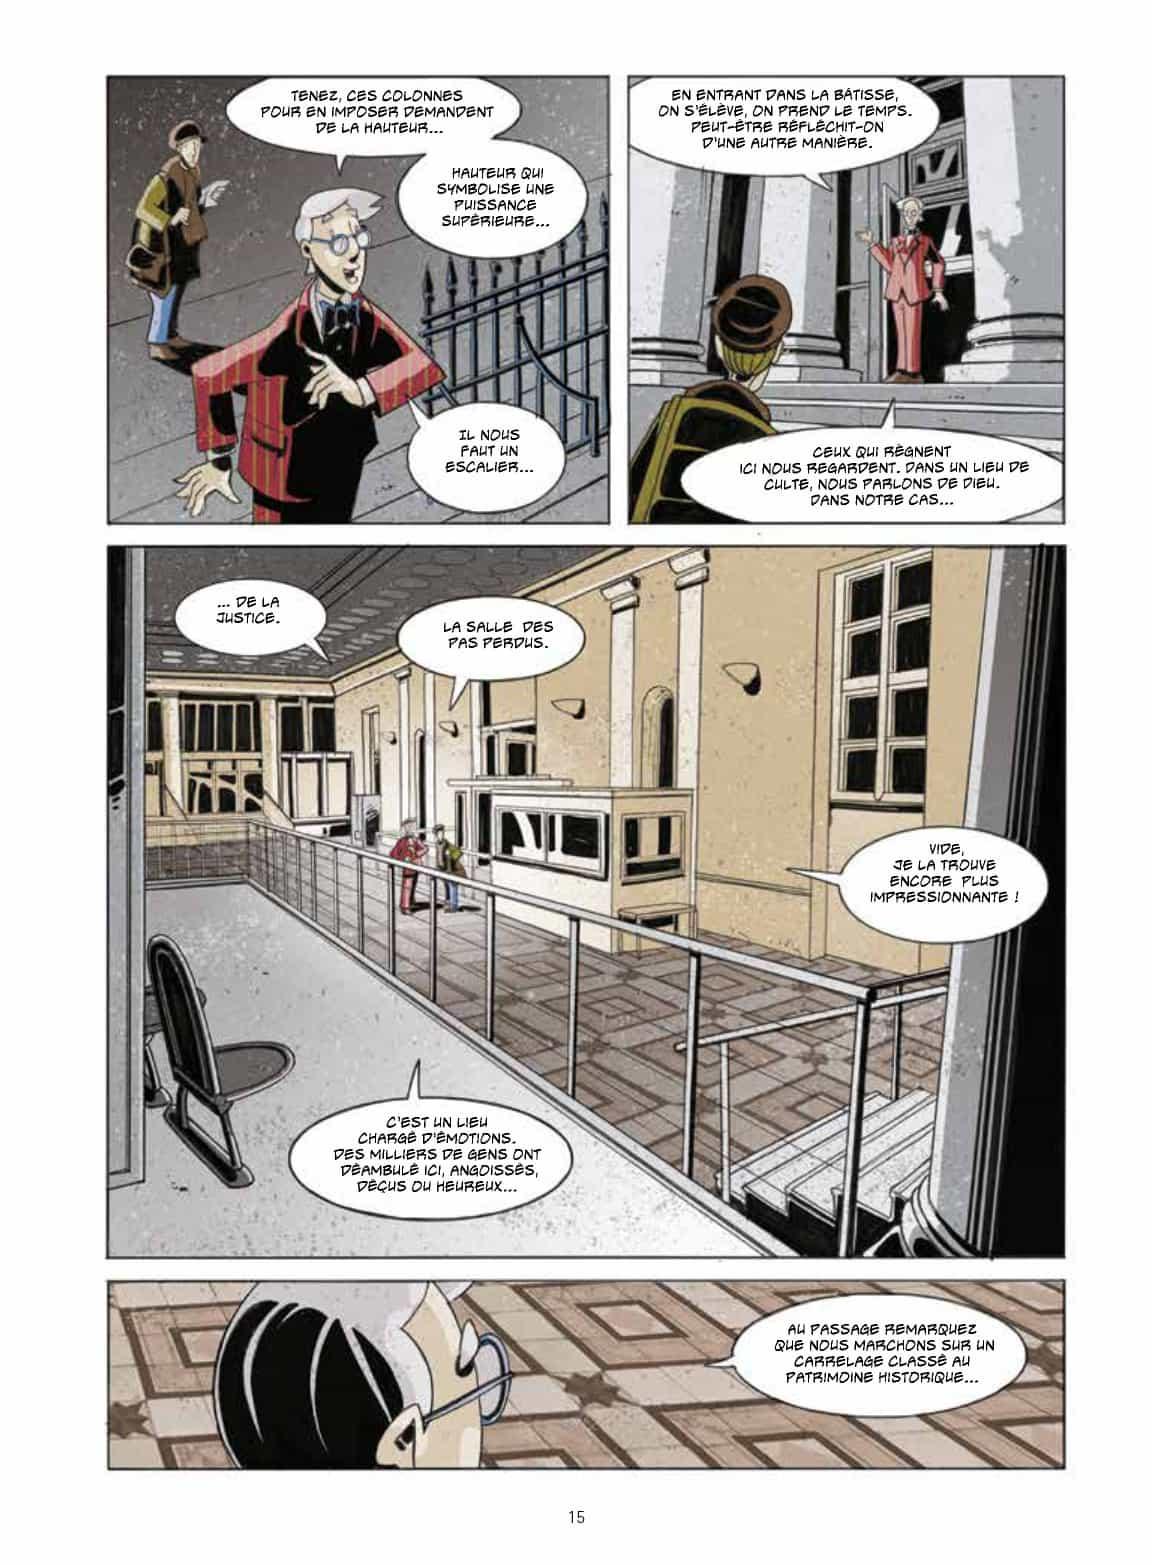 01_LA_BALANCE_LE_GLAIVE_ET_LES_FOURMIS_BDEF_pages-to-jpg-0015